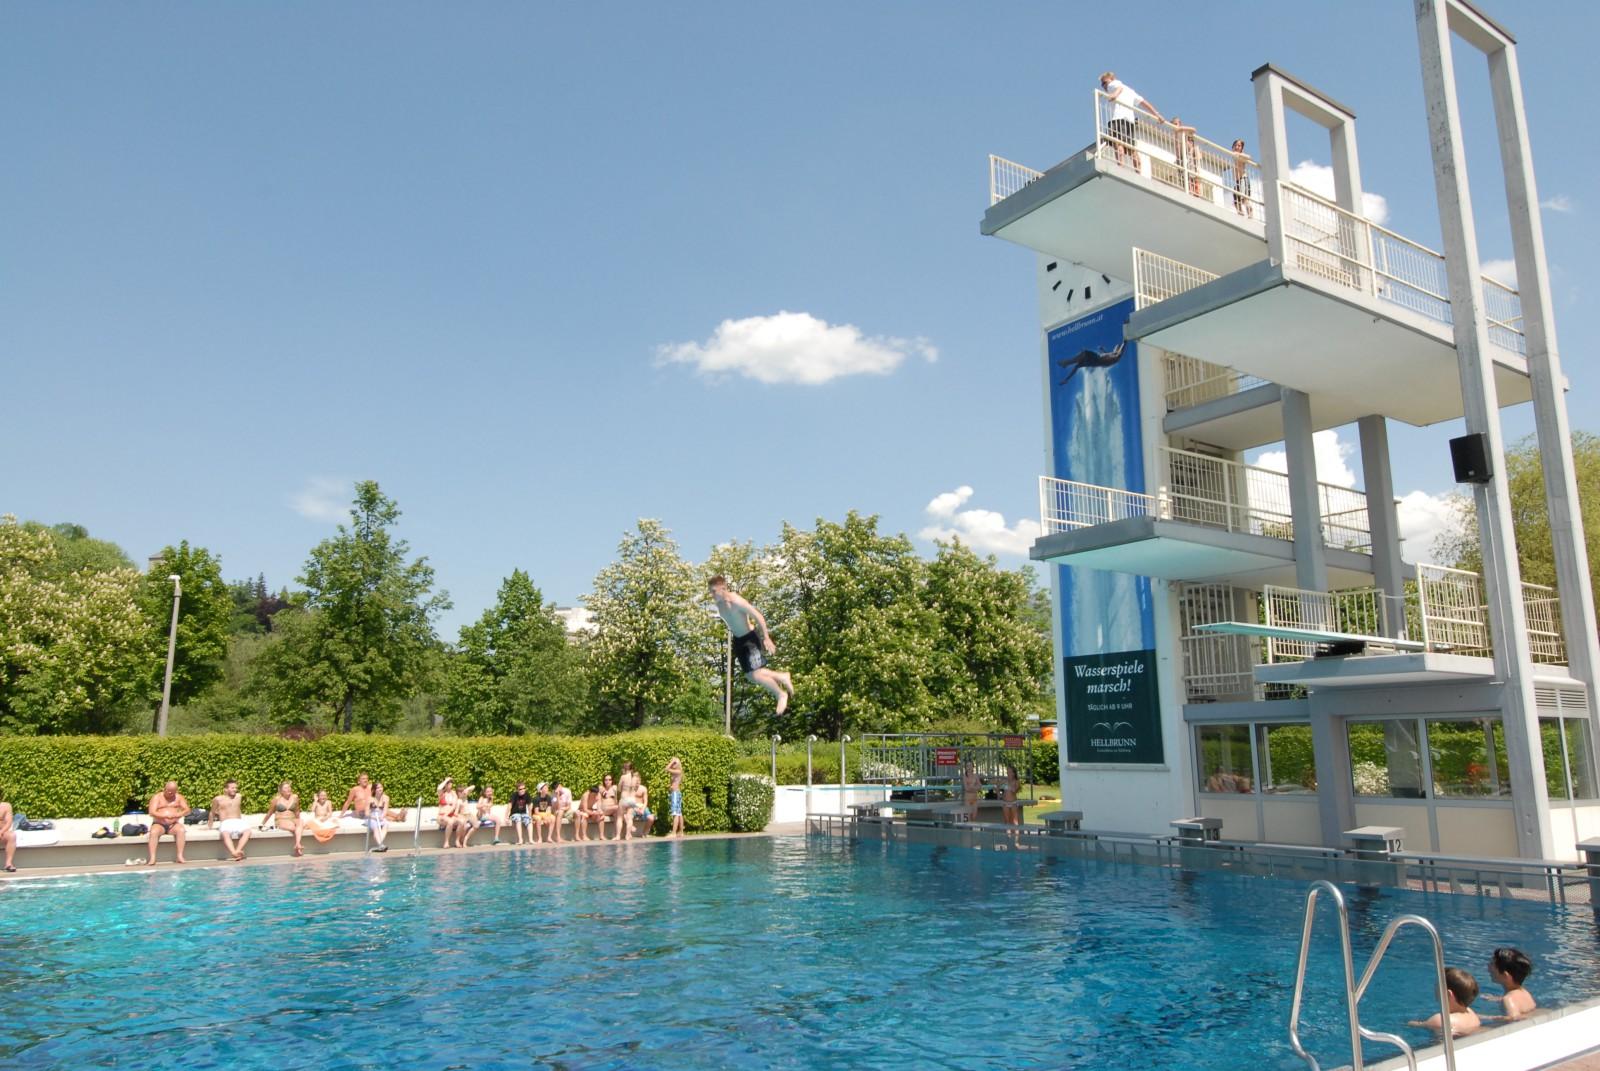 Auch Freibäder gibt es in Salzburg: Hier der Sprungturm im Leopoldskroner Freibad, Salzburg.